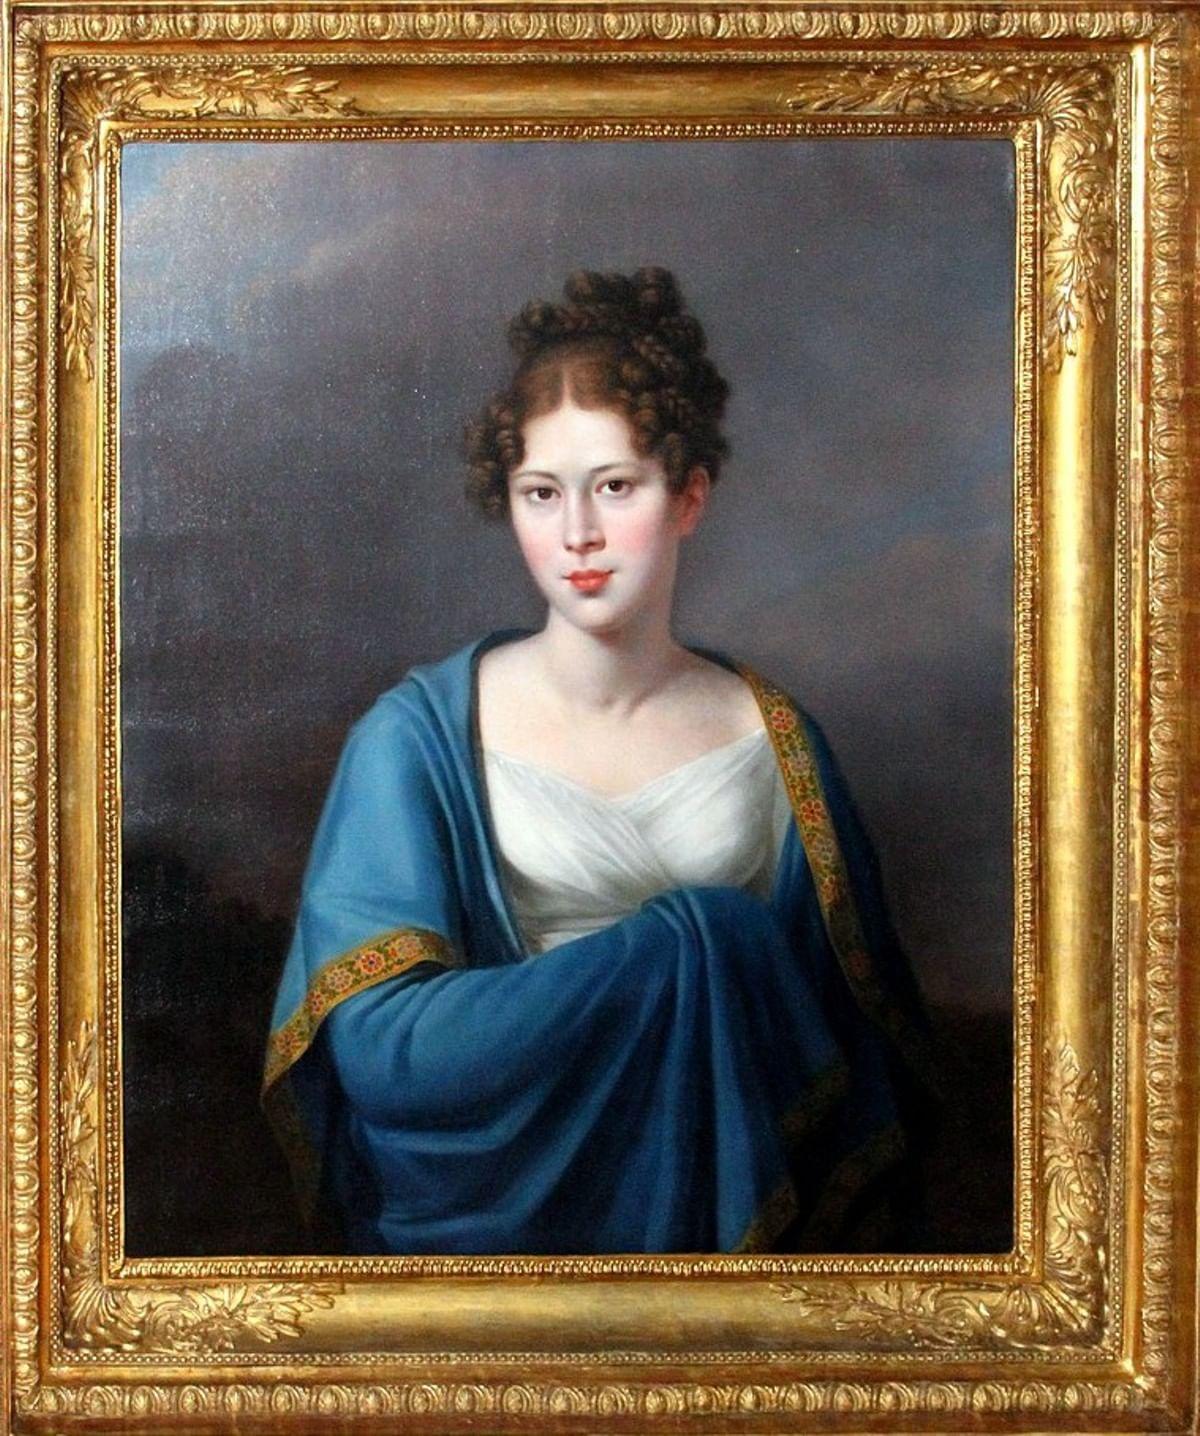 28 уникальных картин из частного собрания представят в музее имени Пушкина. Галерея2